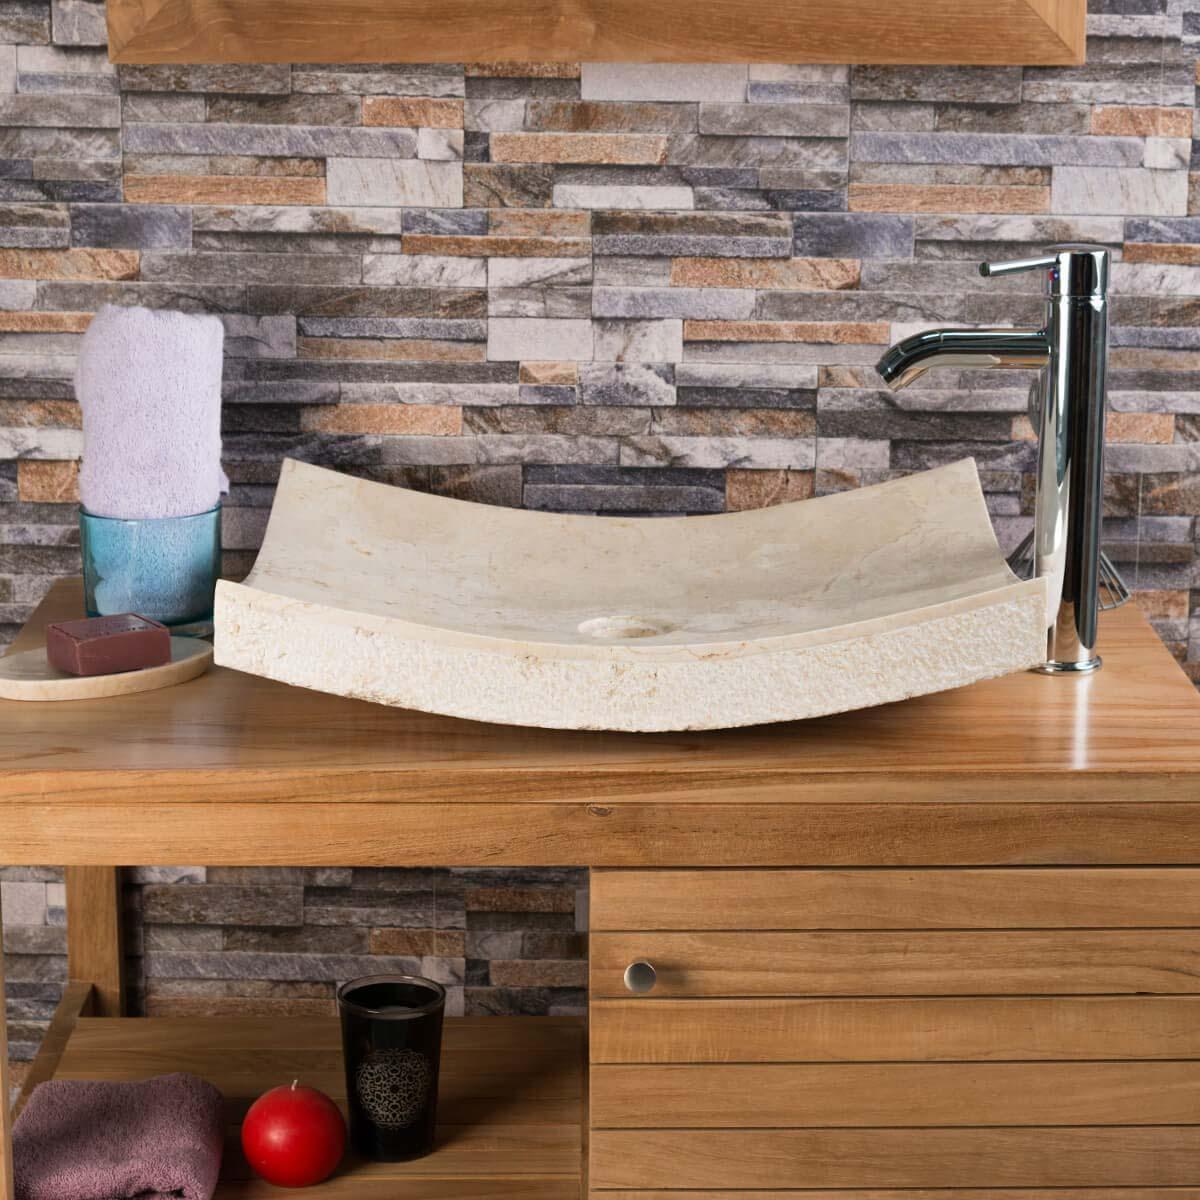 vasque poser en marbre g nes rectangle cr me d 50 cm. Black Bedroom Furniture Sets. Home Design Ideas